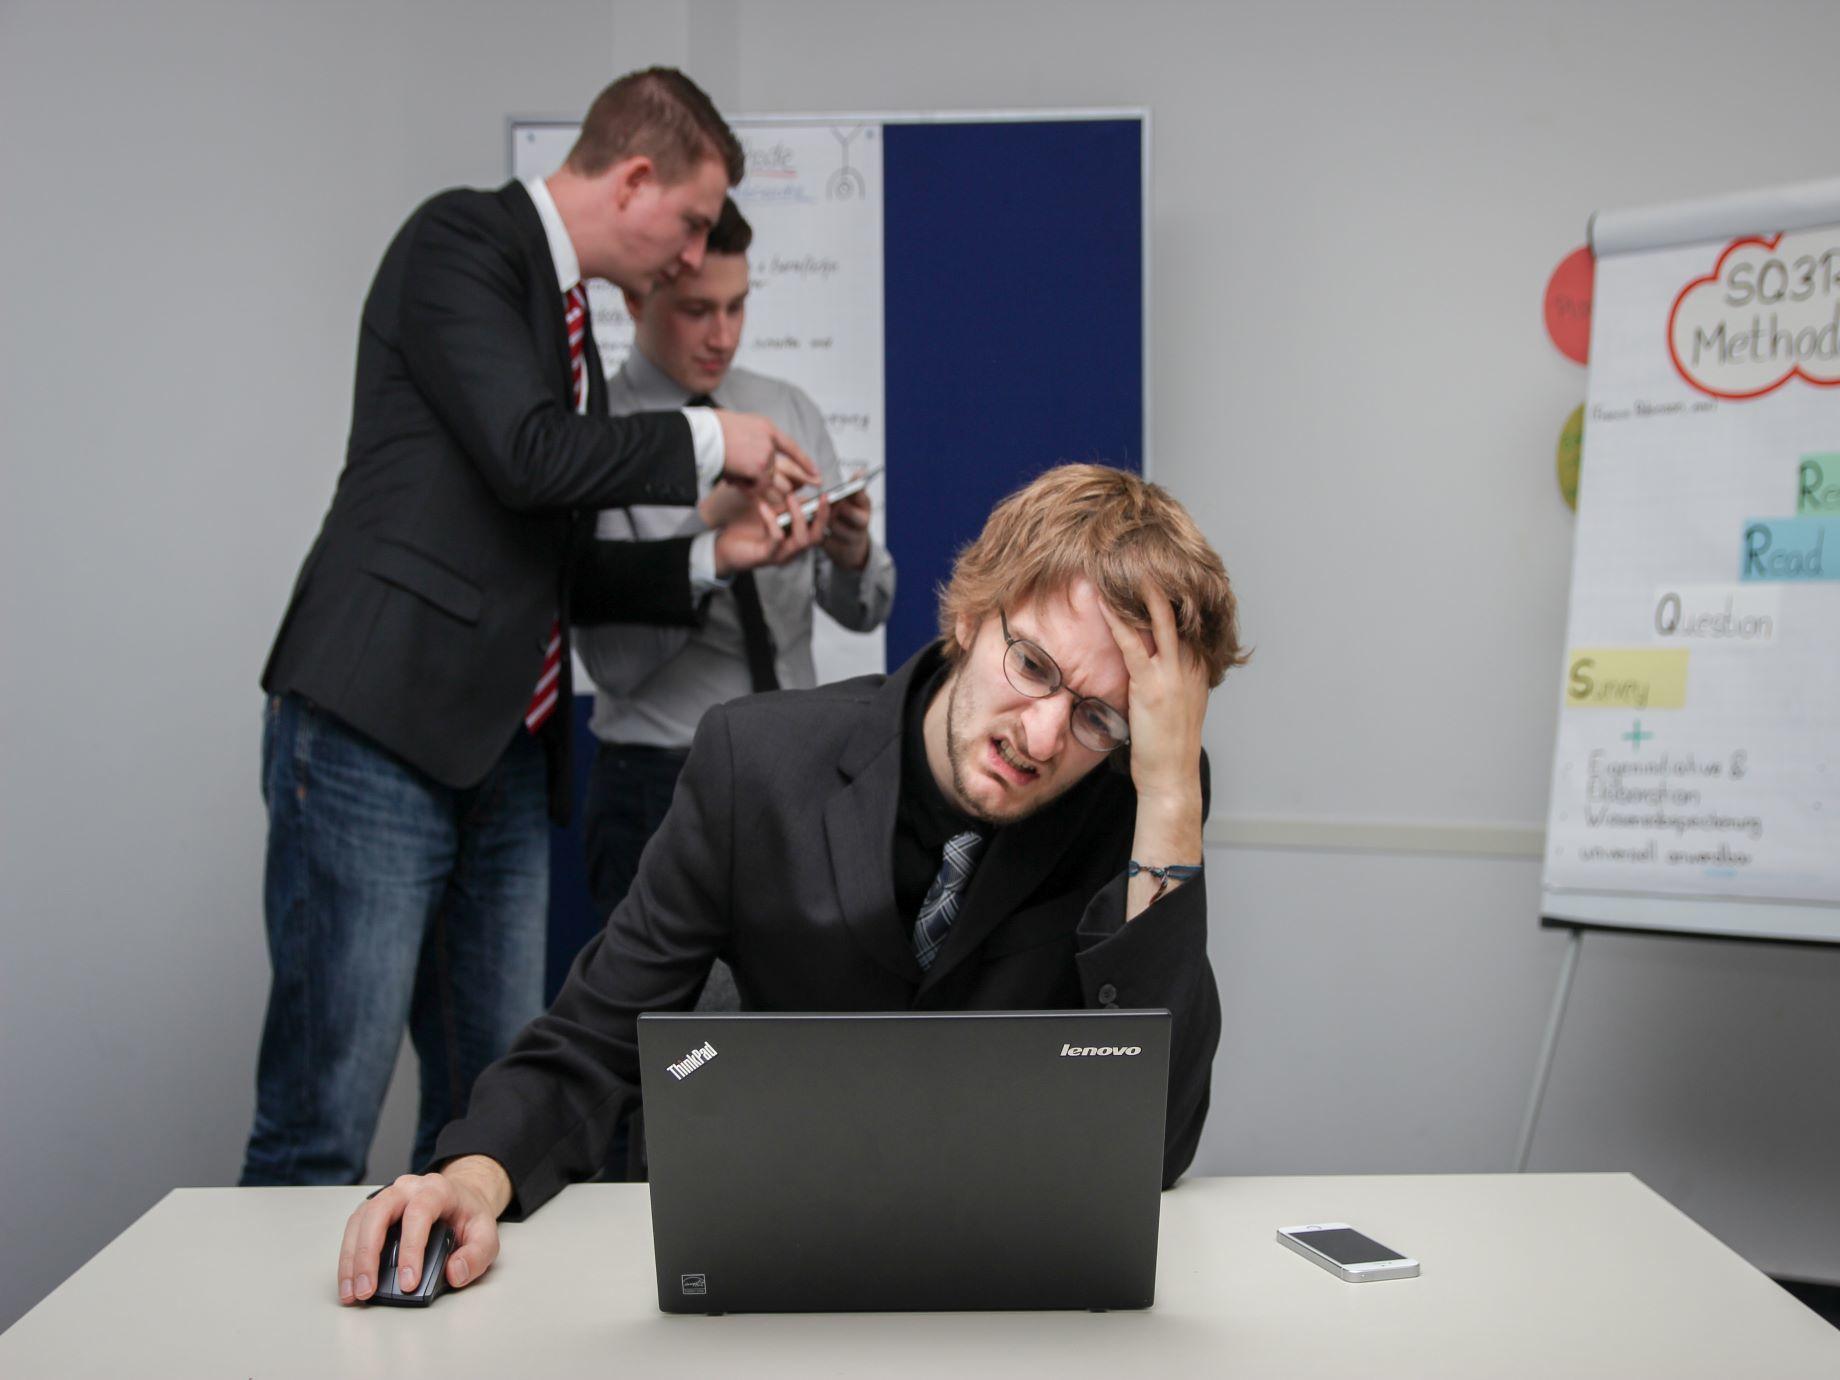 「你做事怎麼這麼笨!」面對傷人話語好難受?日本職場人際關係權威,教你3方法擺脫他人眼光